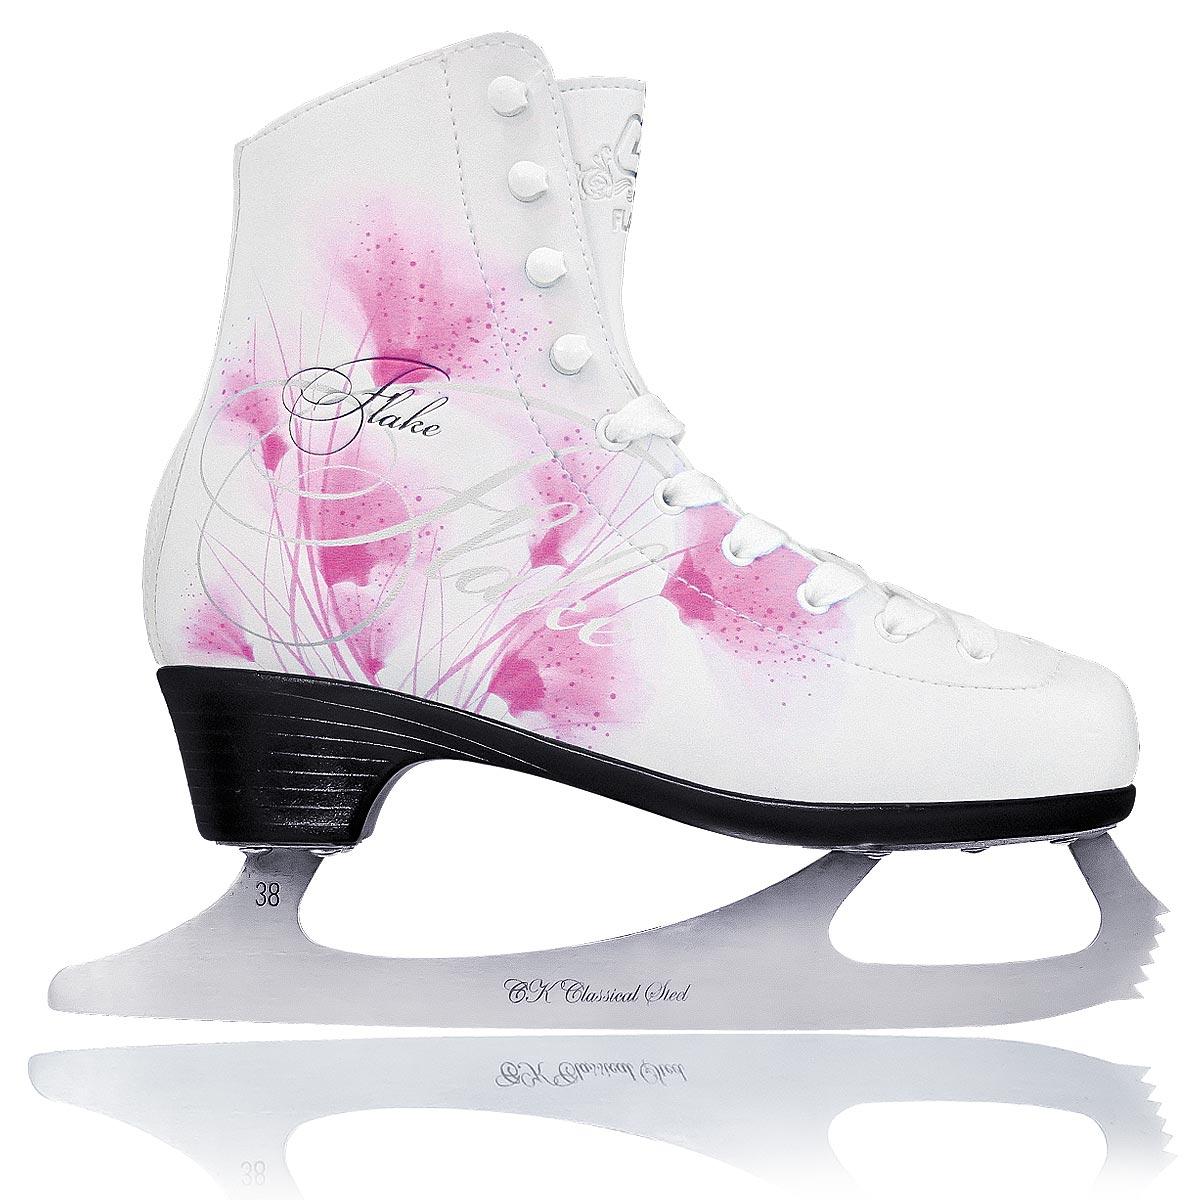 Коньки фигурные для девочки CK Flake Leather, цвет: белый, фуксия. Размер 35FLAKE leather_белый, фуксия_35